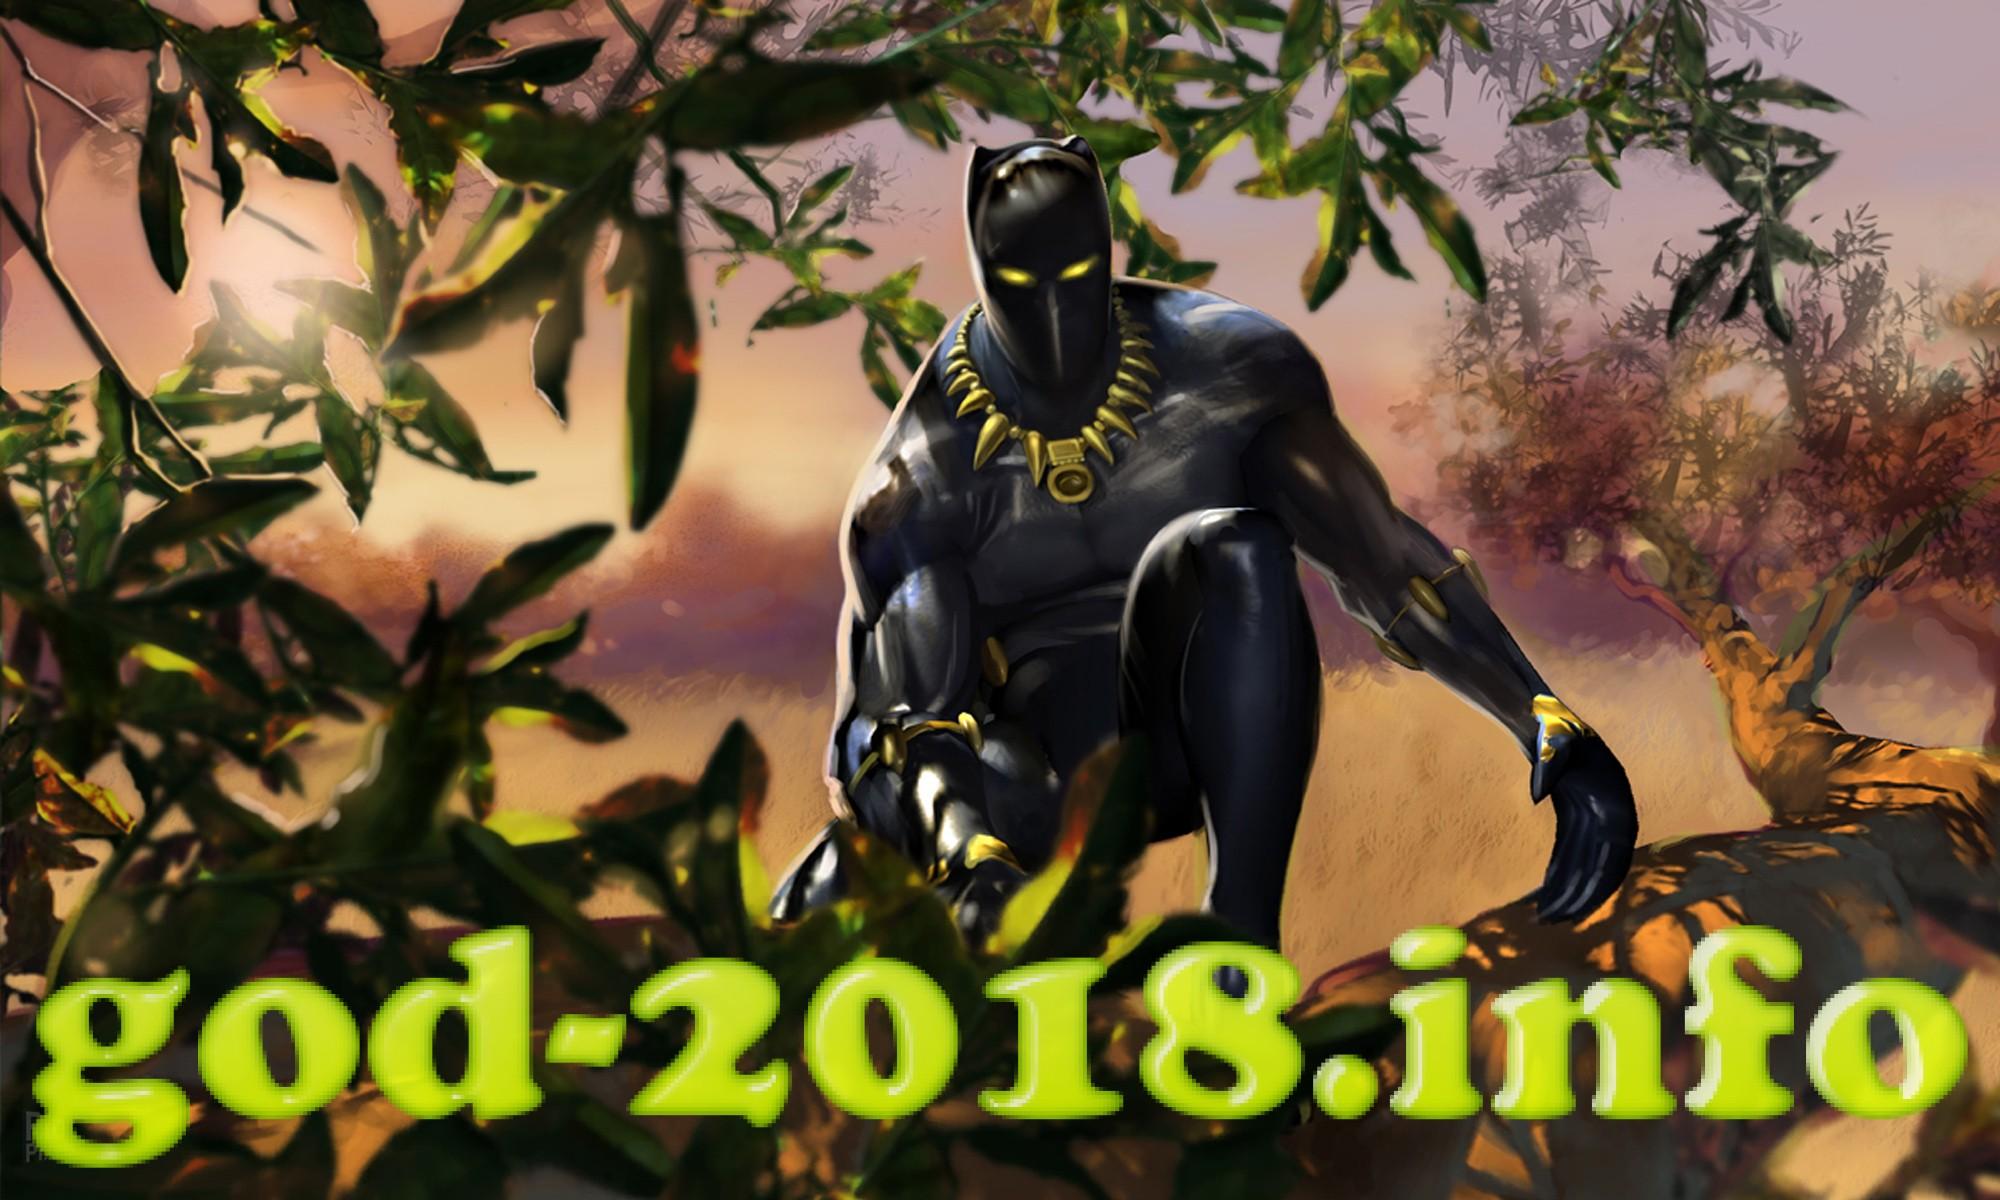 spisok-filmov-kotorye-vyjdut-v-2018-godu